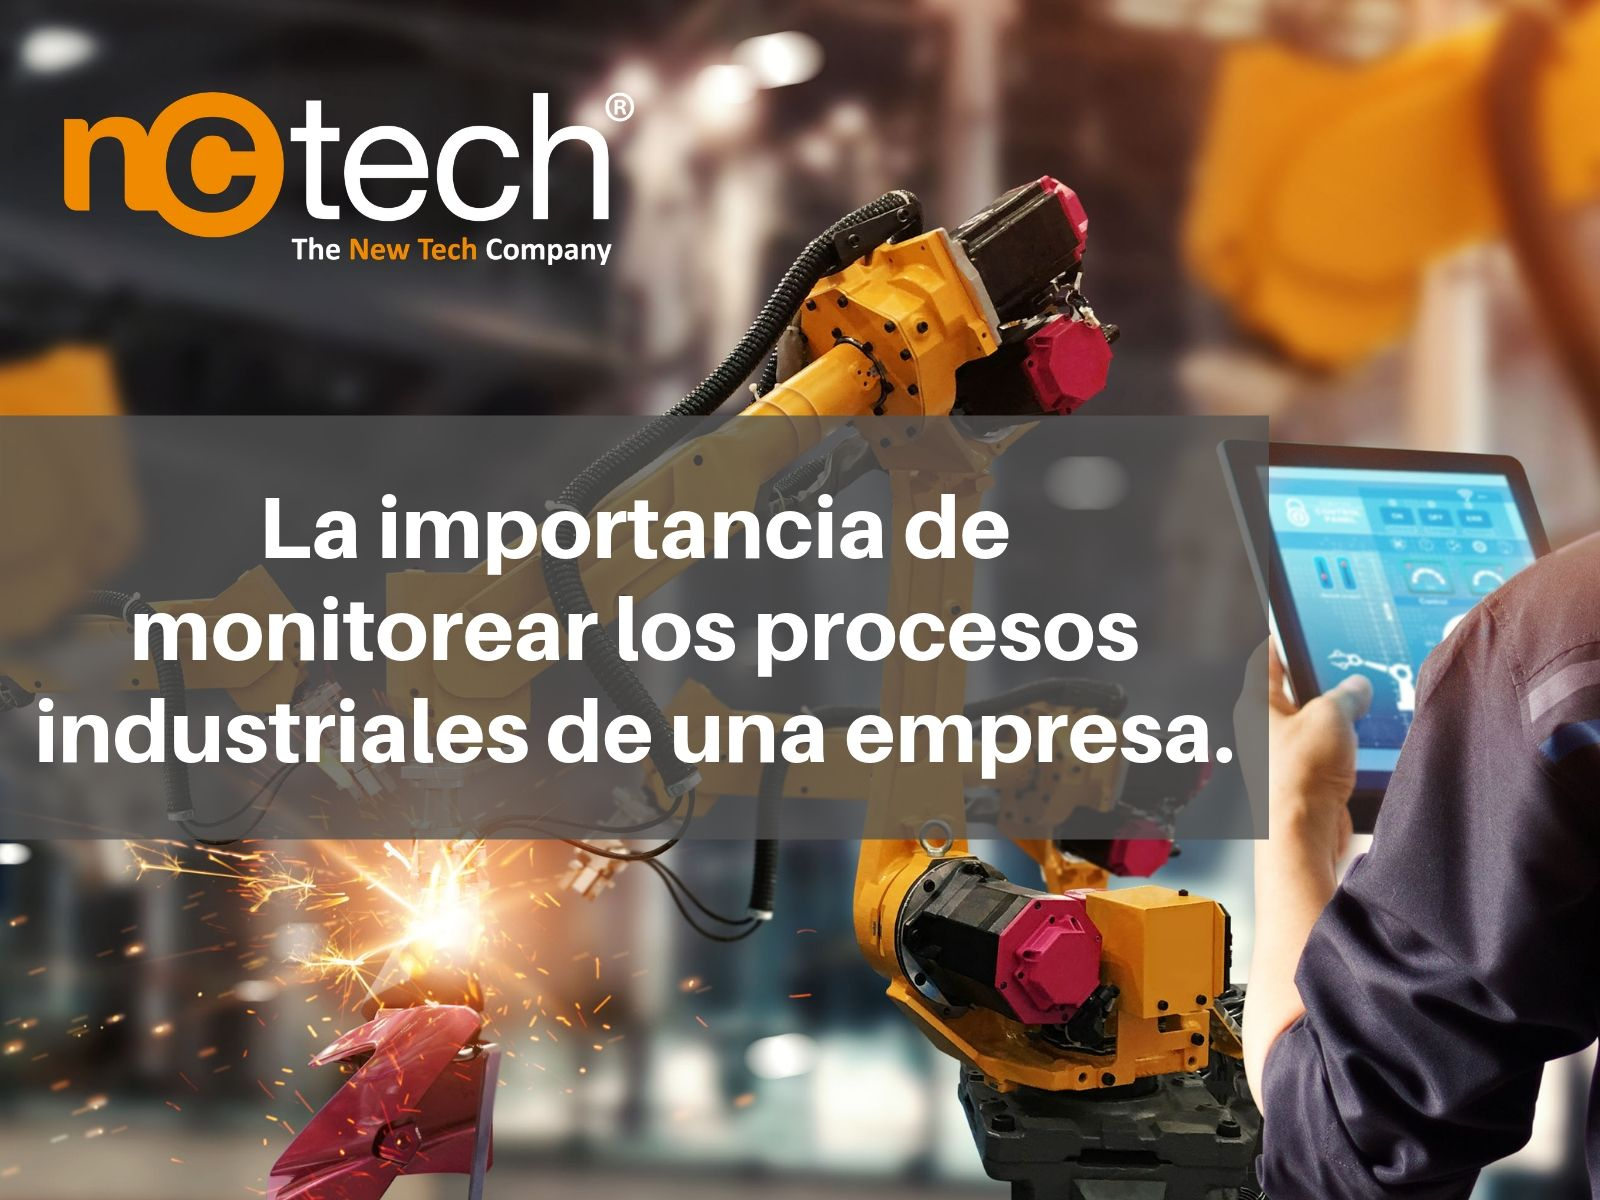 La importancia de monitorear los procesos industriales de una empresa